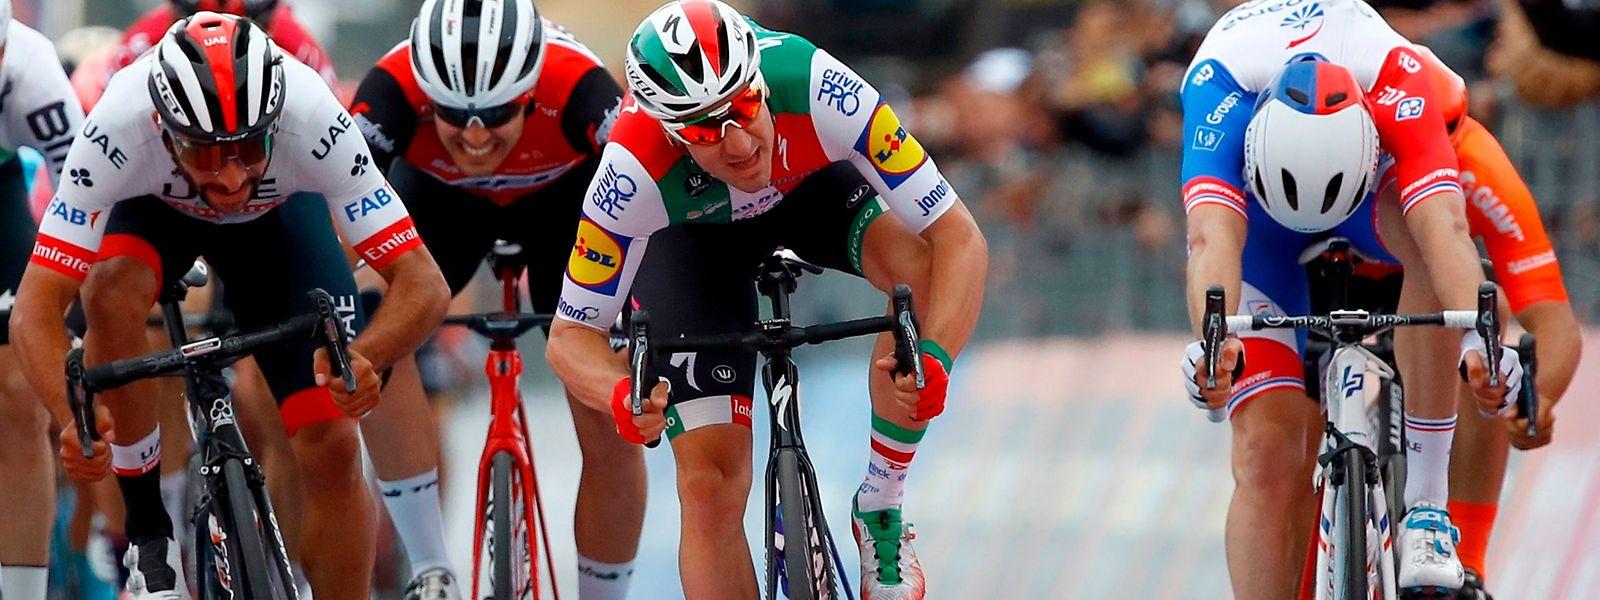 Elia Viviani (au centre, Deceuninck-Quick-Step) franchit la ligne le premier à Ortebello, mais c'est bien le Colombien Fernando Gaviria (à g., UAE) qui sera déclaré vainqueur par les commissaires